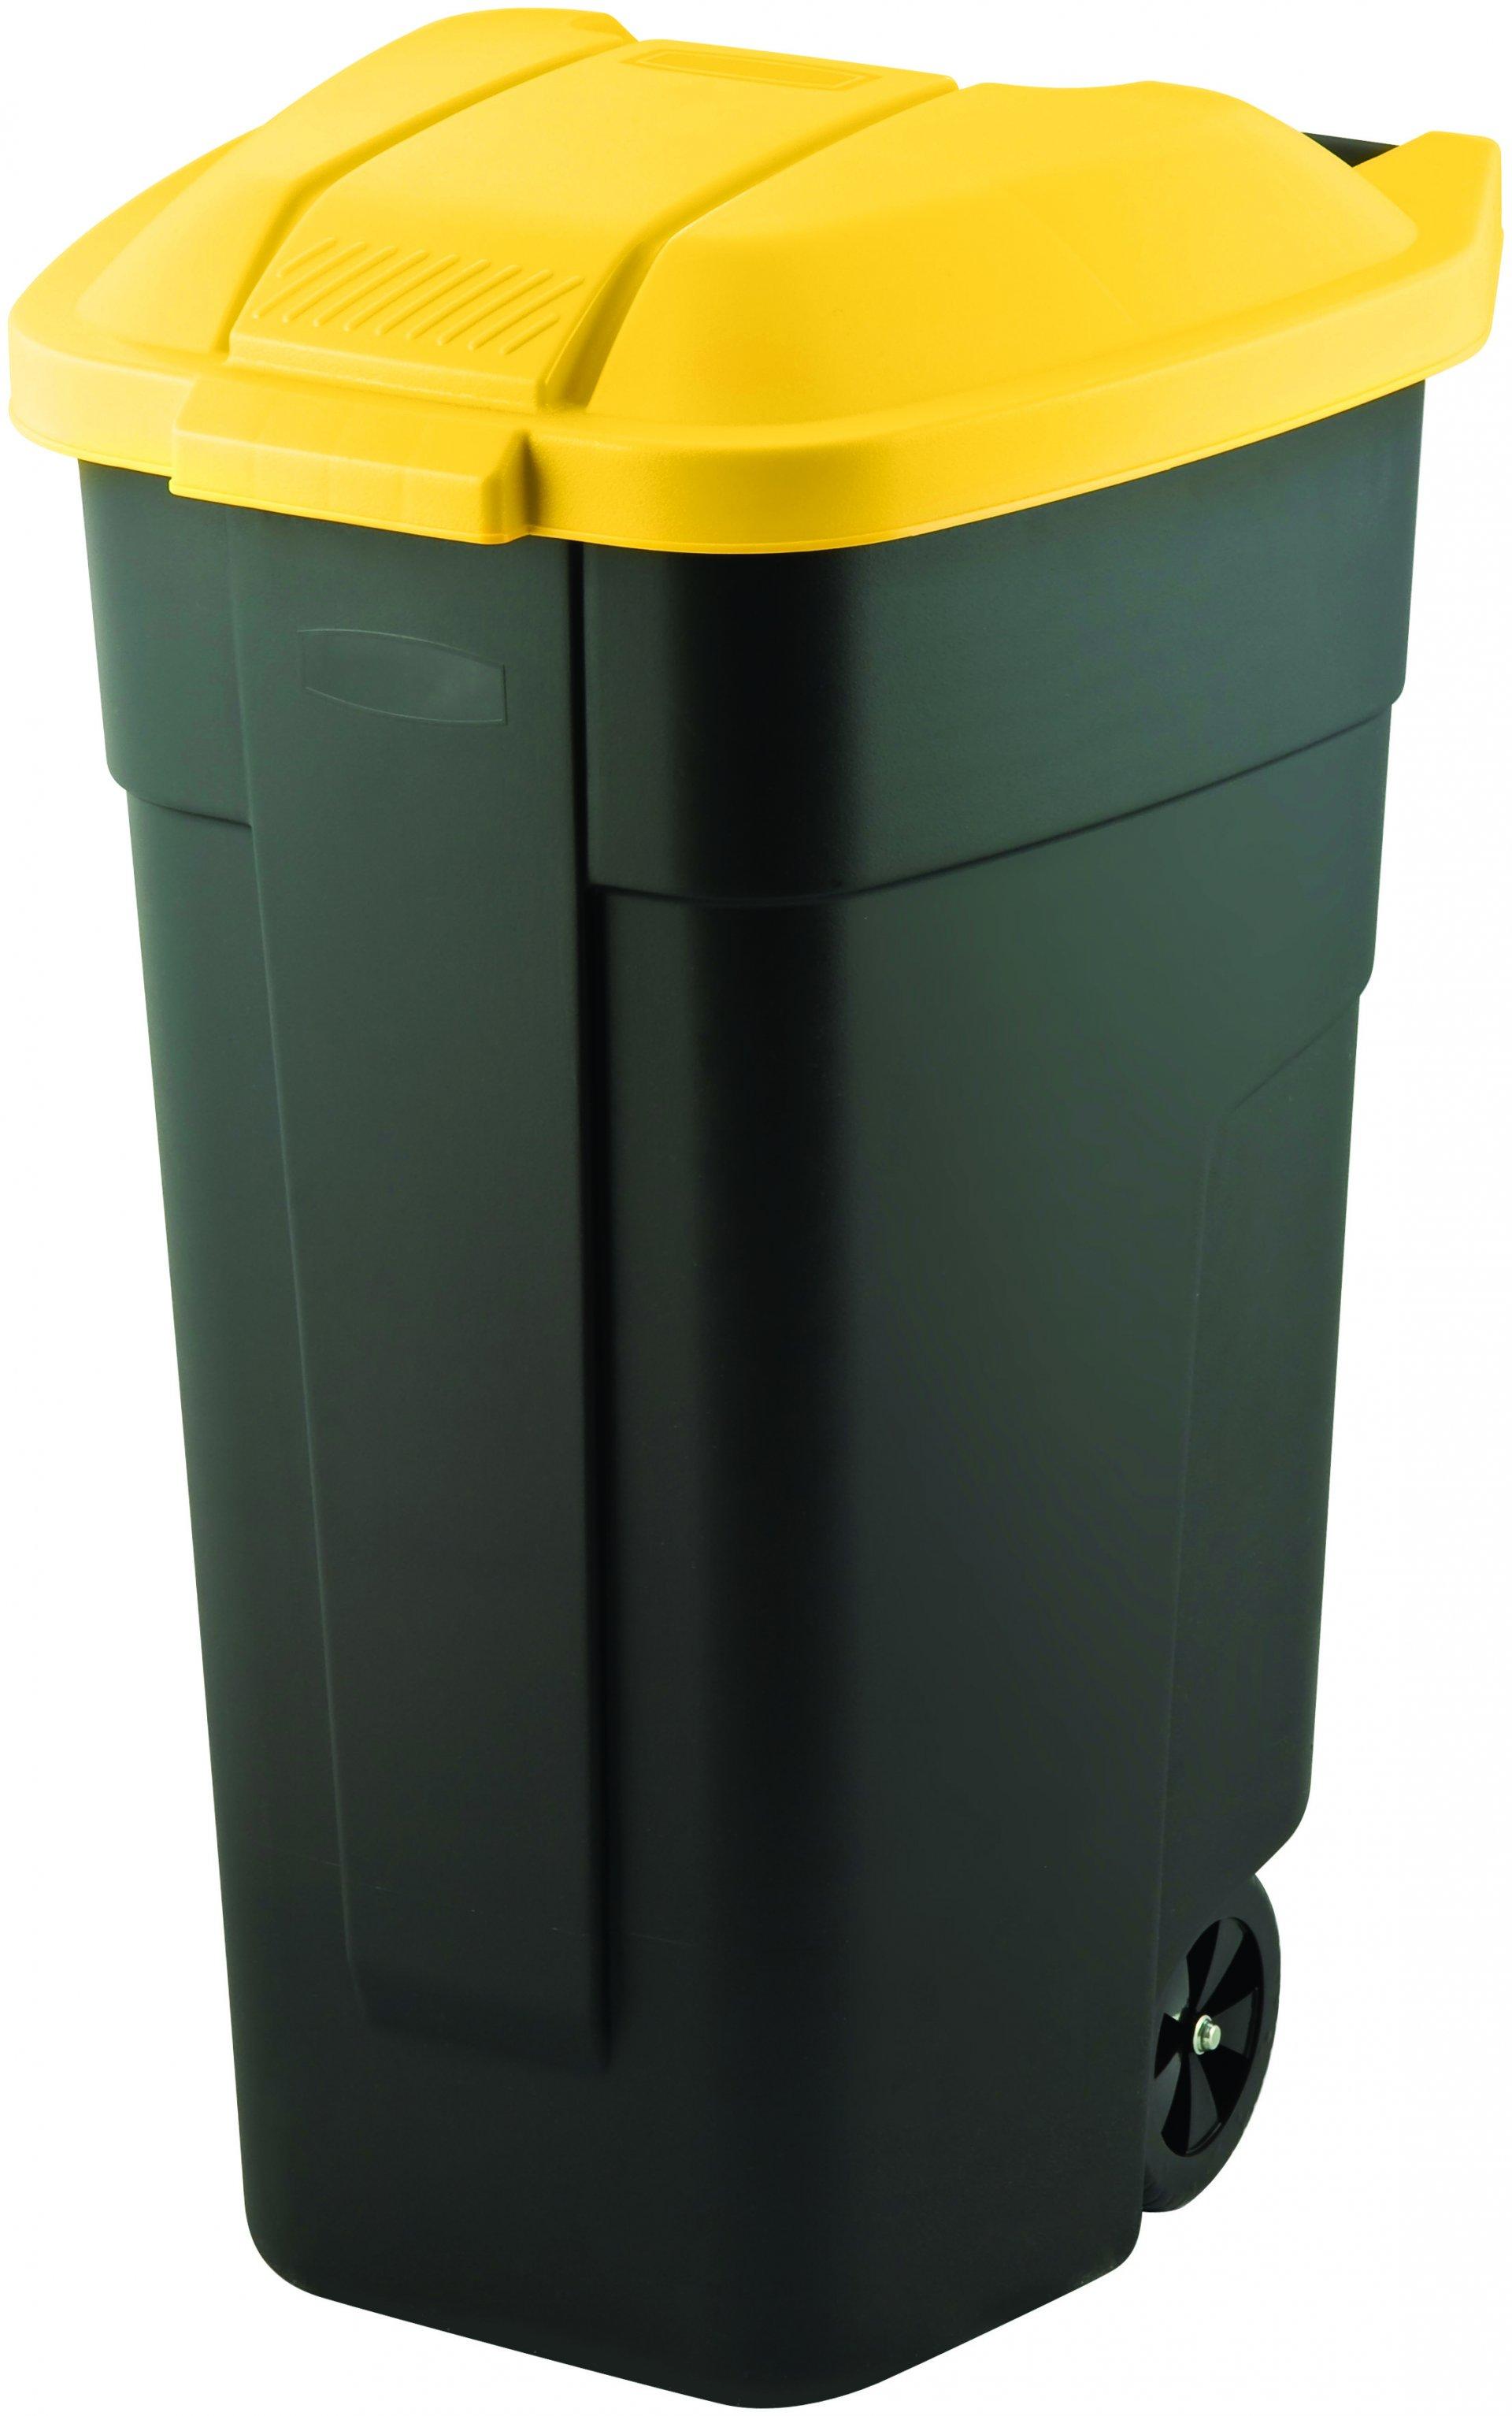 Curver popelnice, černá/žlutá, 110l